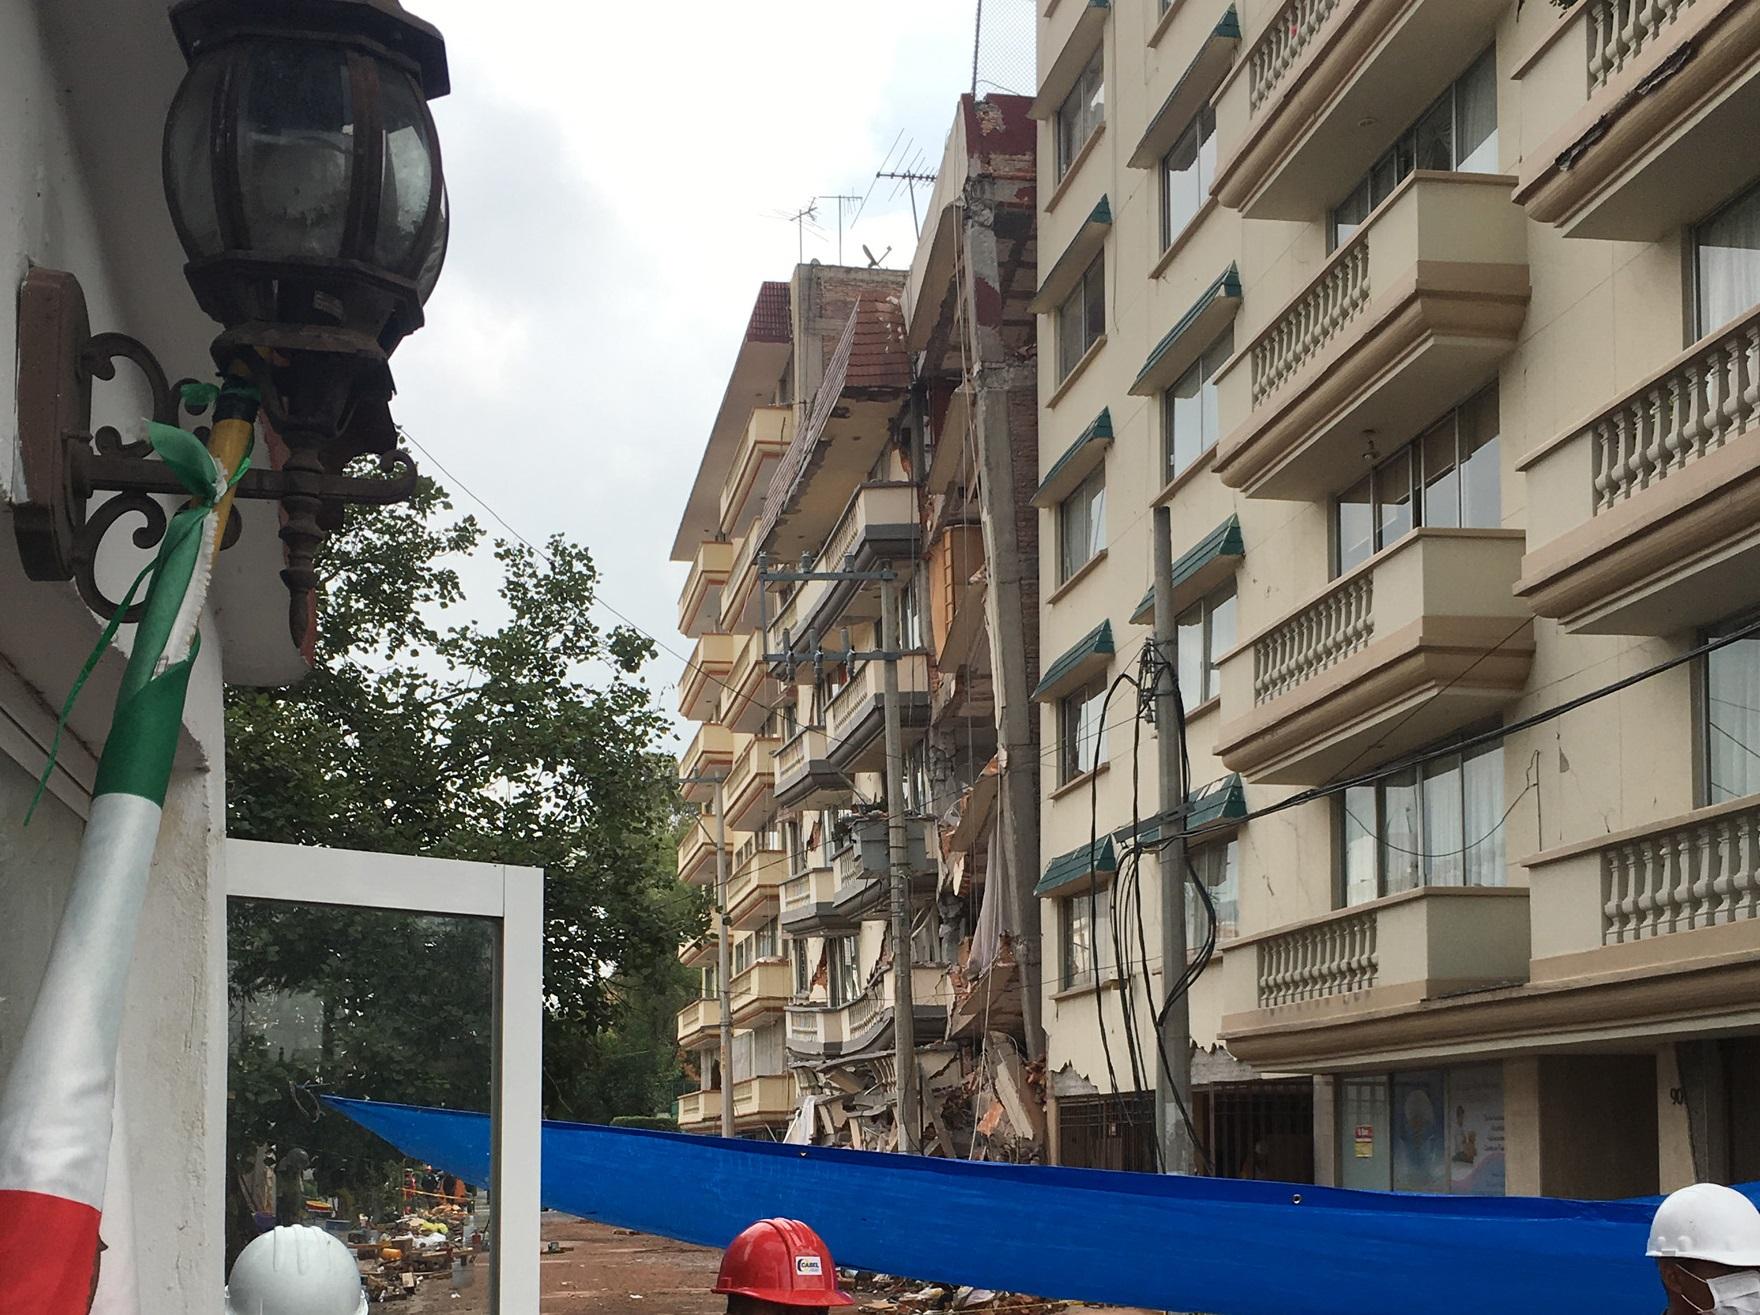 Inician labores para demoler edificio en la calle Coquimbo 911